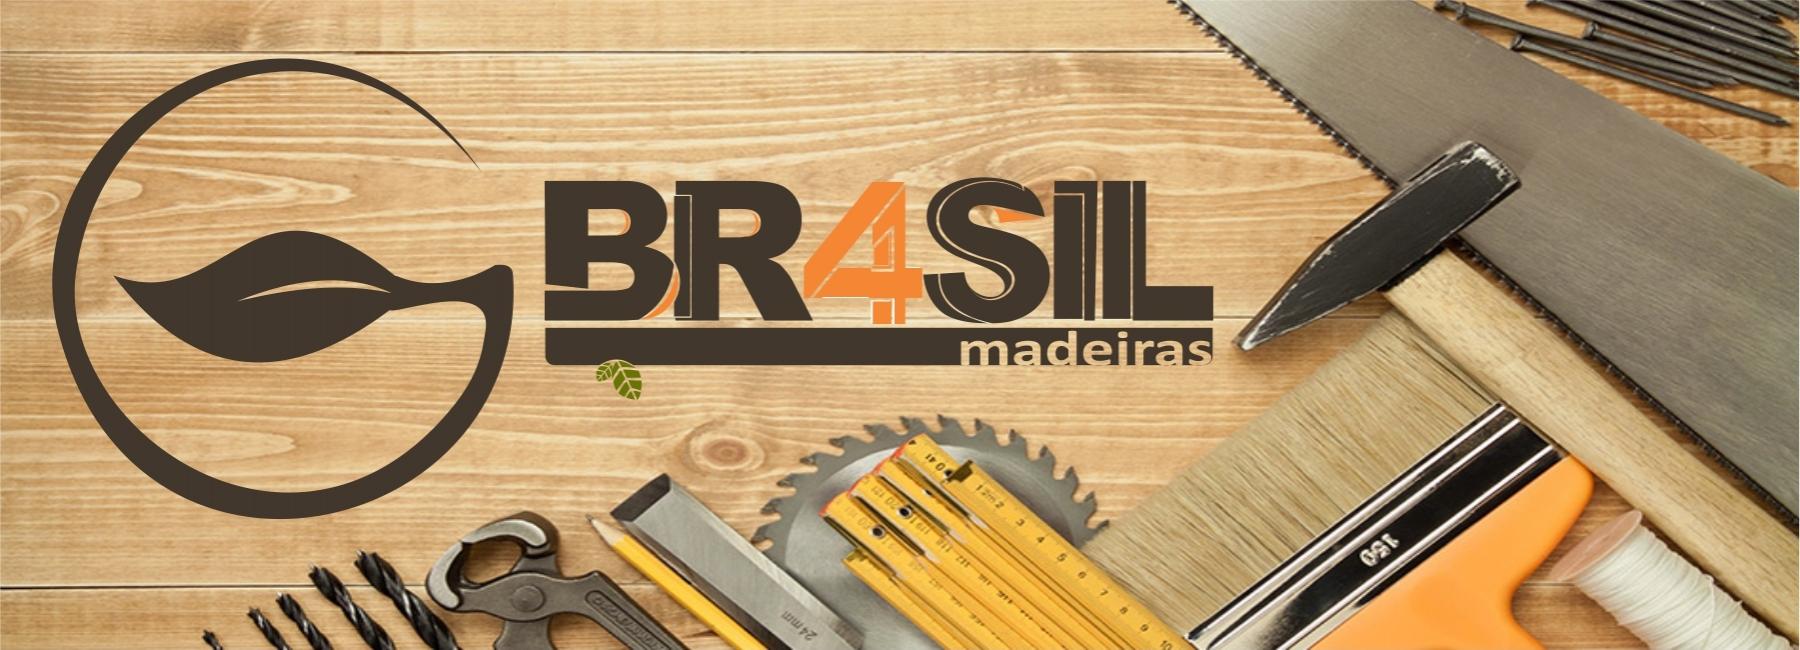 BR4SIL MADEIRAS & CONSTRUÇÃO